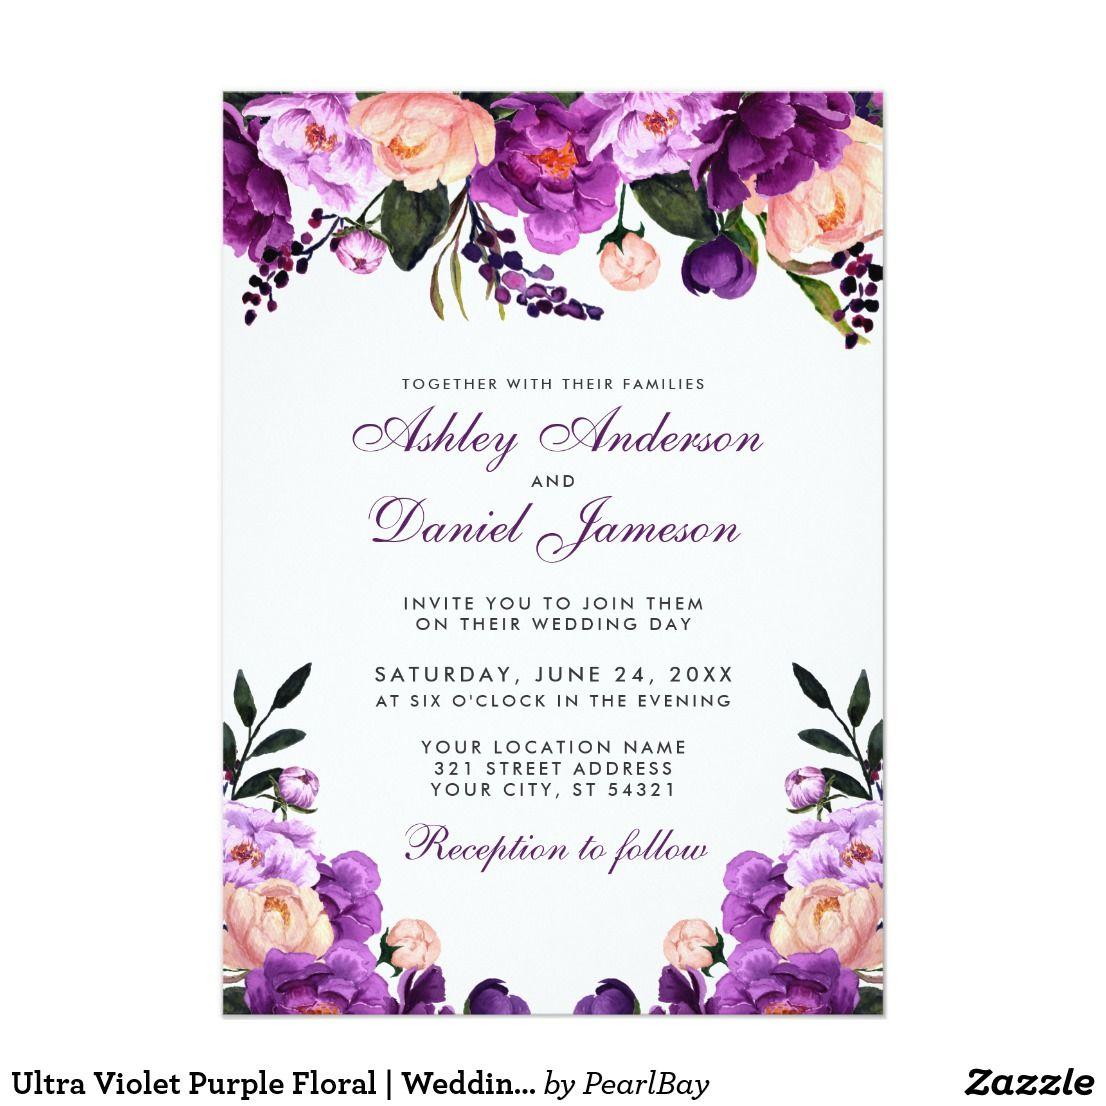 Ultra Violet Purple Floral